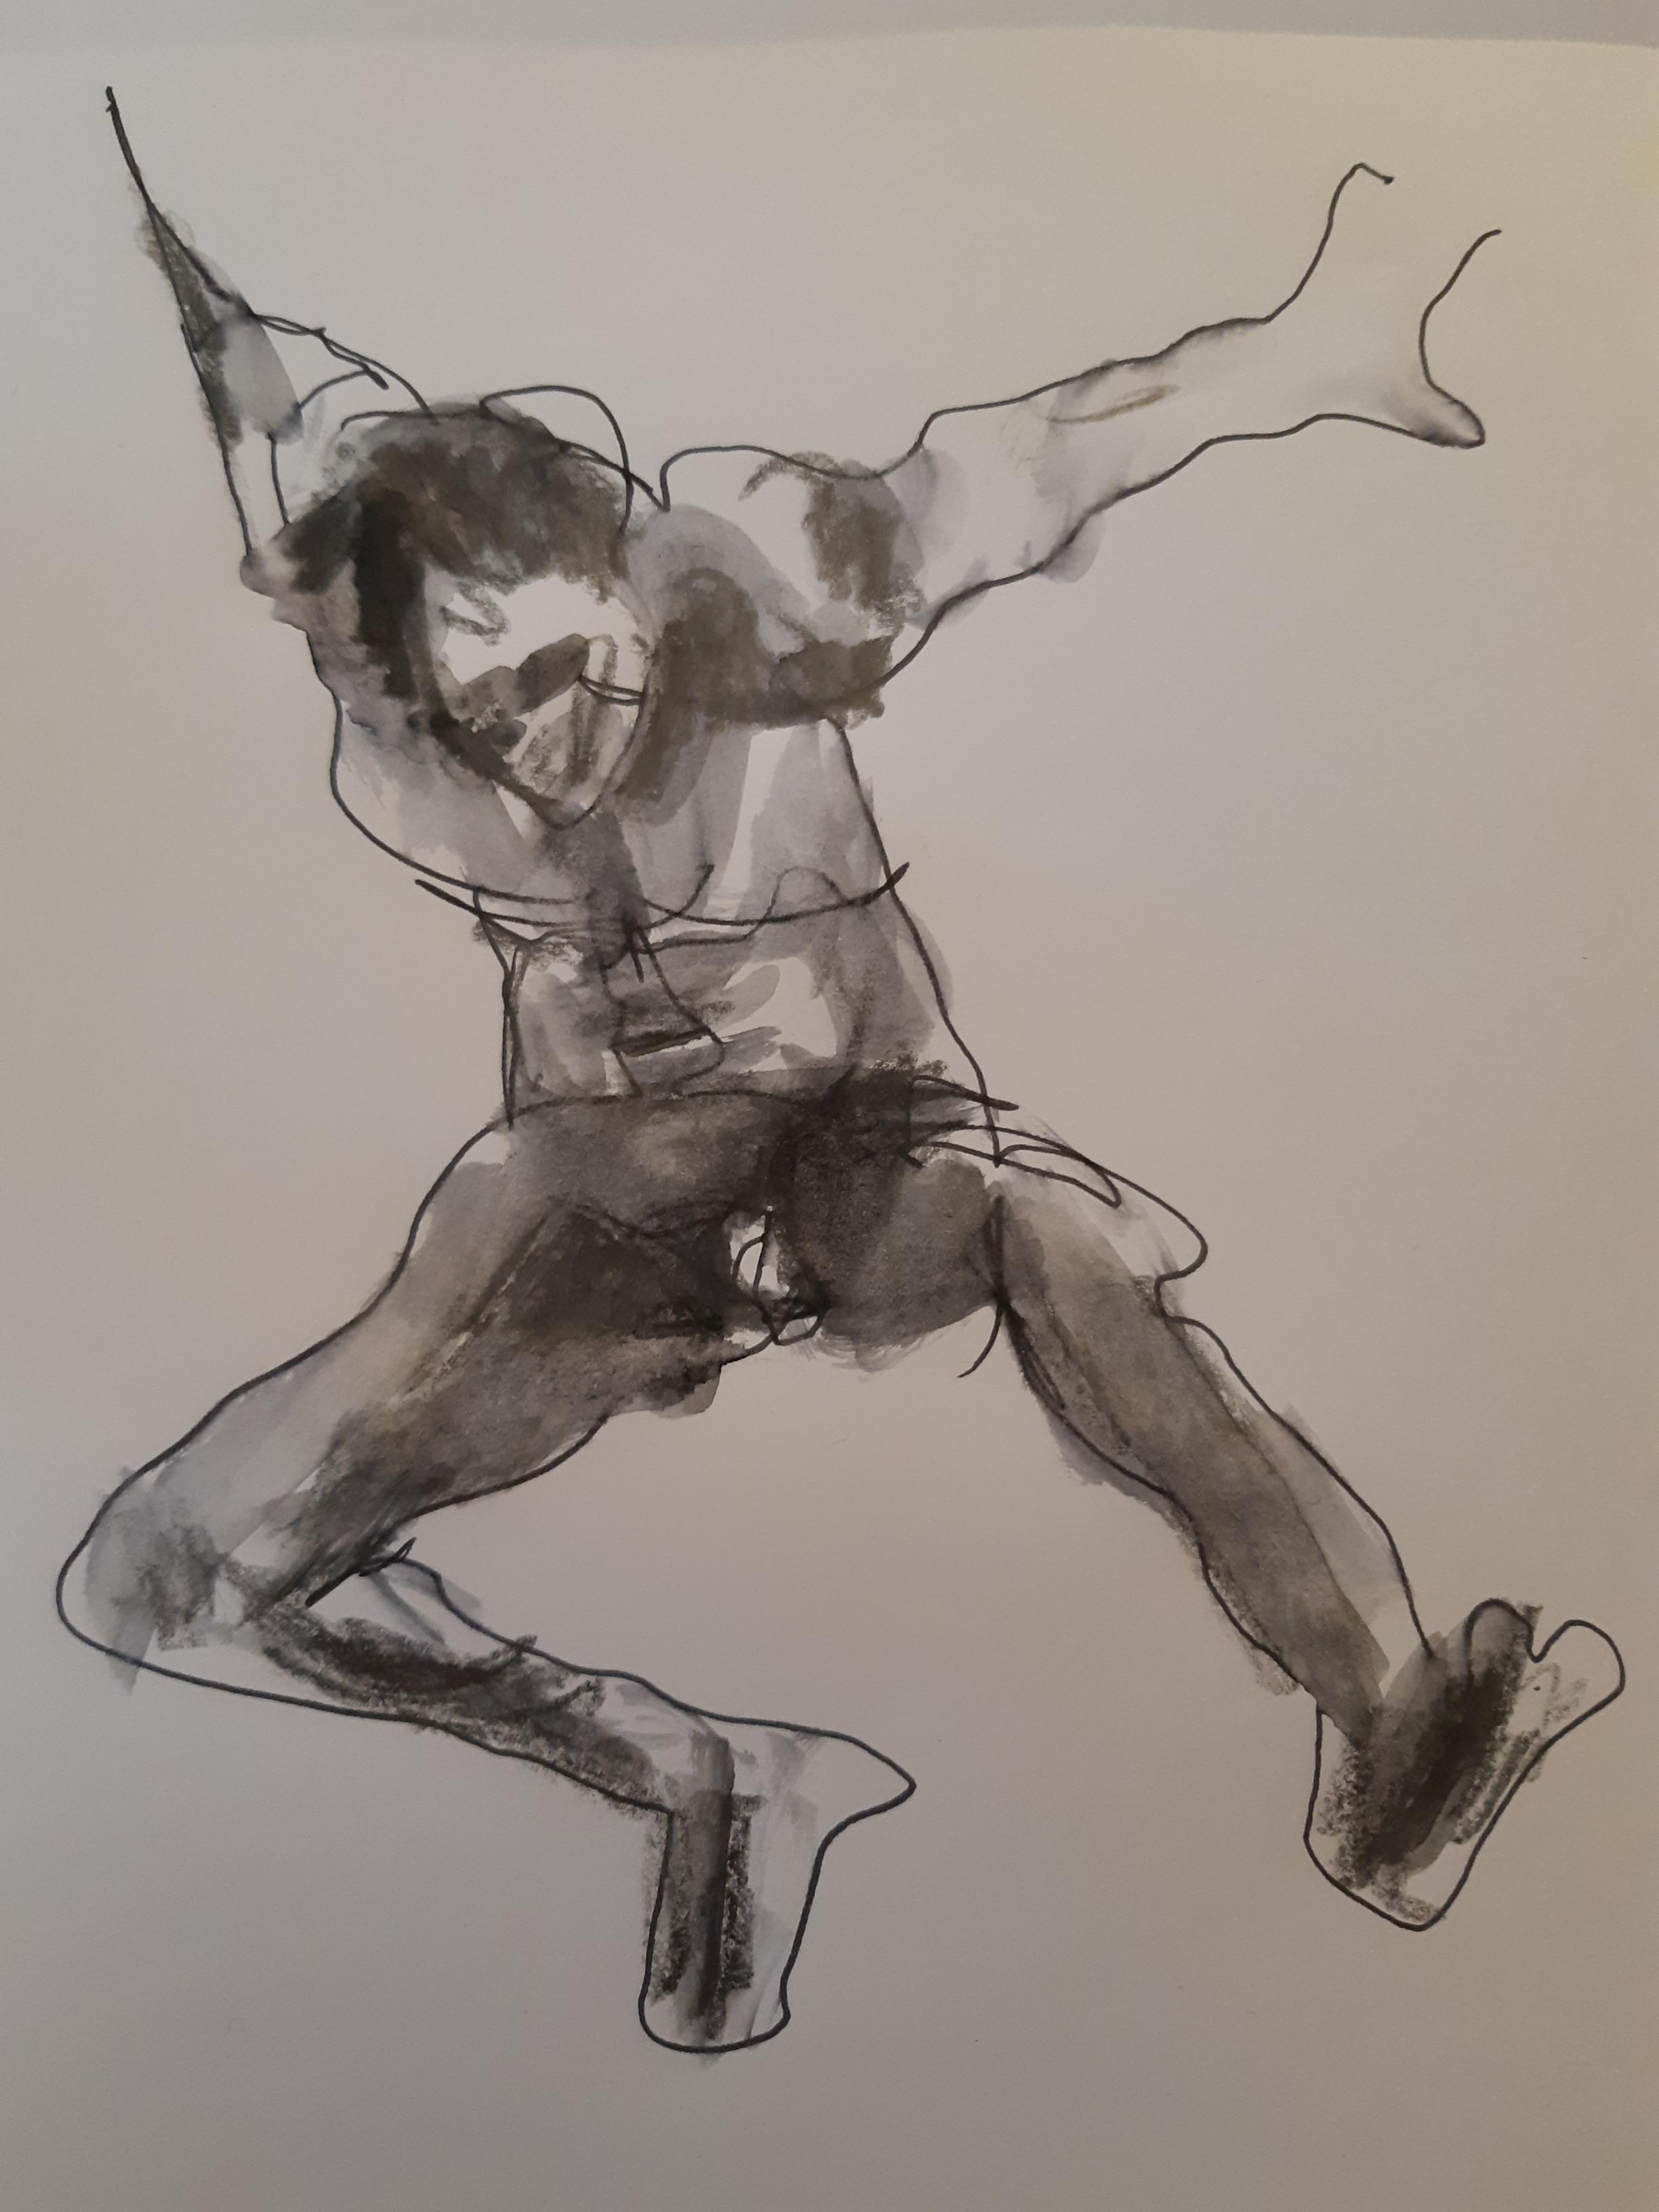 Dessin technique mixte la vie crayon de papier homme face  cours de dessin